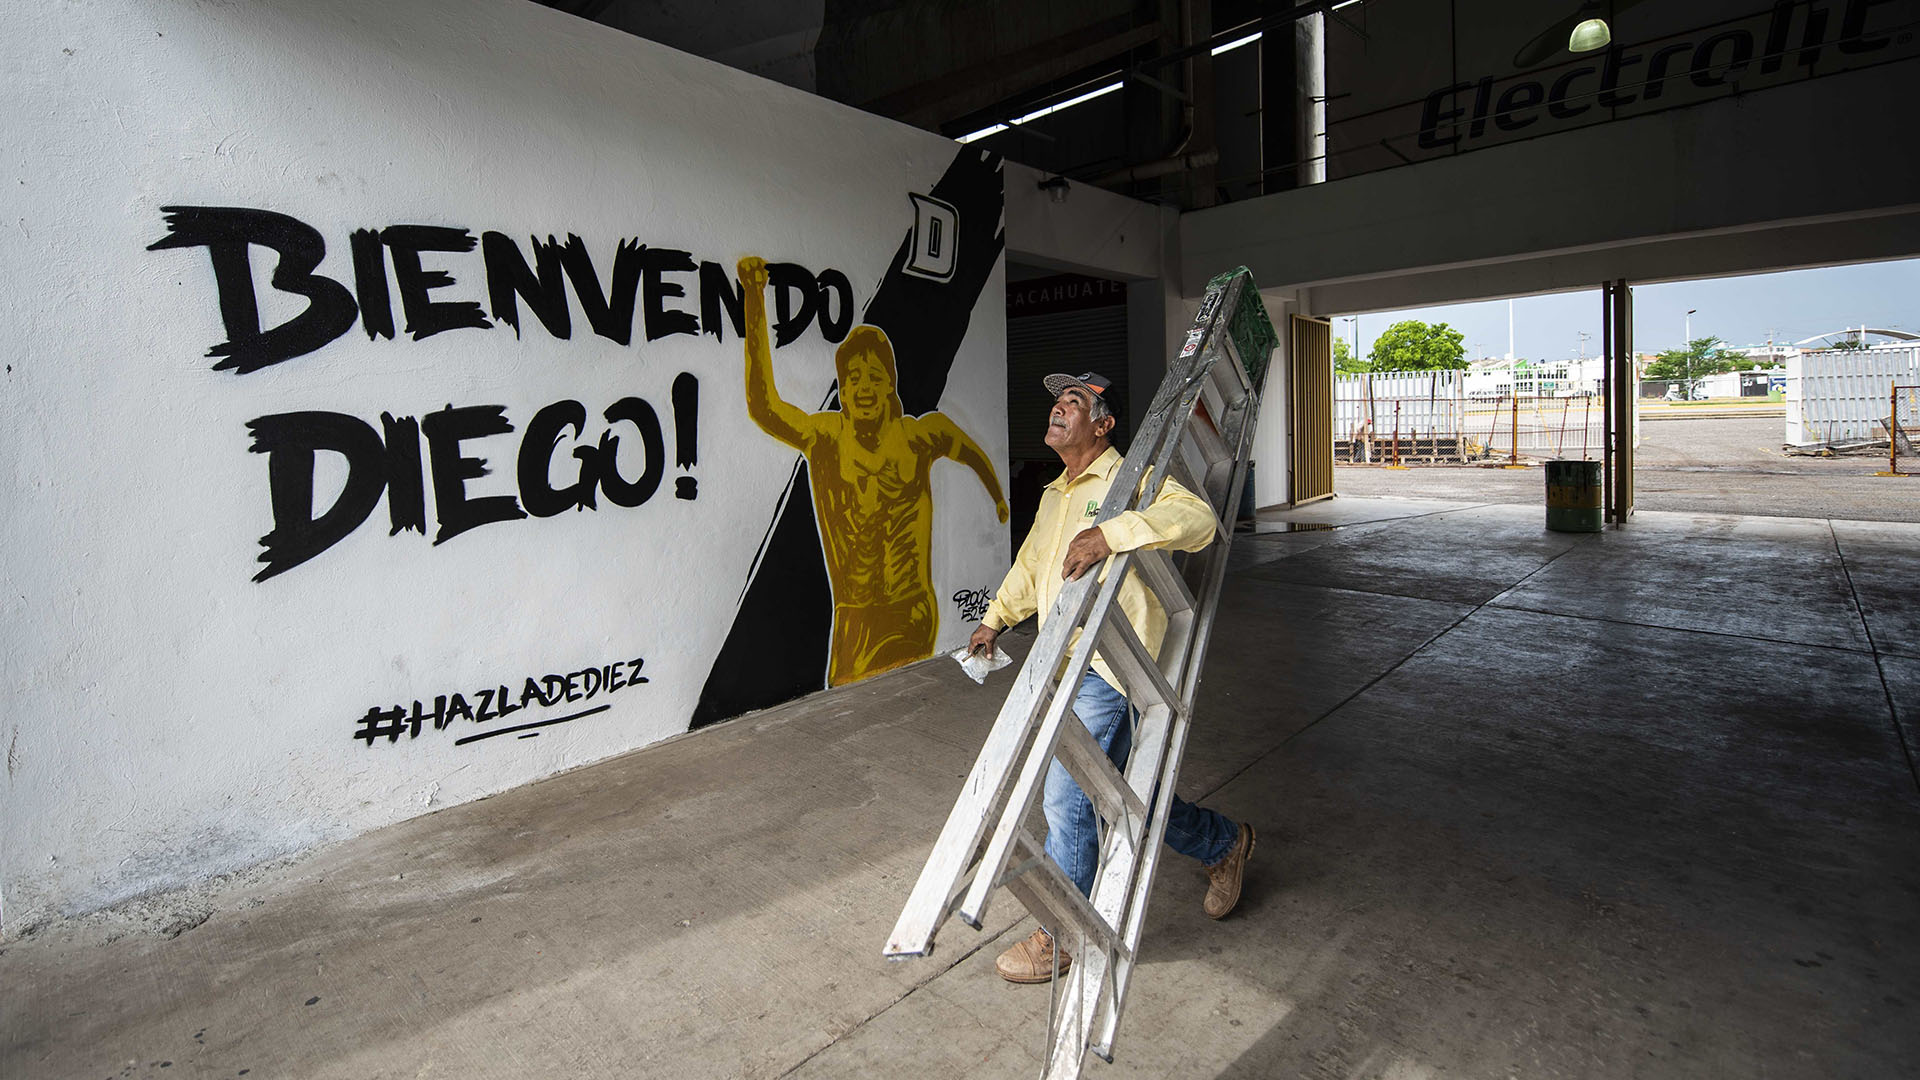 """Un trabajador caminafrente al mural del estadio de los Dorados de Sinaloa que reza: """"¡Bienvenido Diego!"""", recientemente graficado para esperar que el ex futbolista argentino sea presentado como nuevo entrenador del equipo, este lunesen Culiacán , Estado de Sinaloa, México (AFP)"""